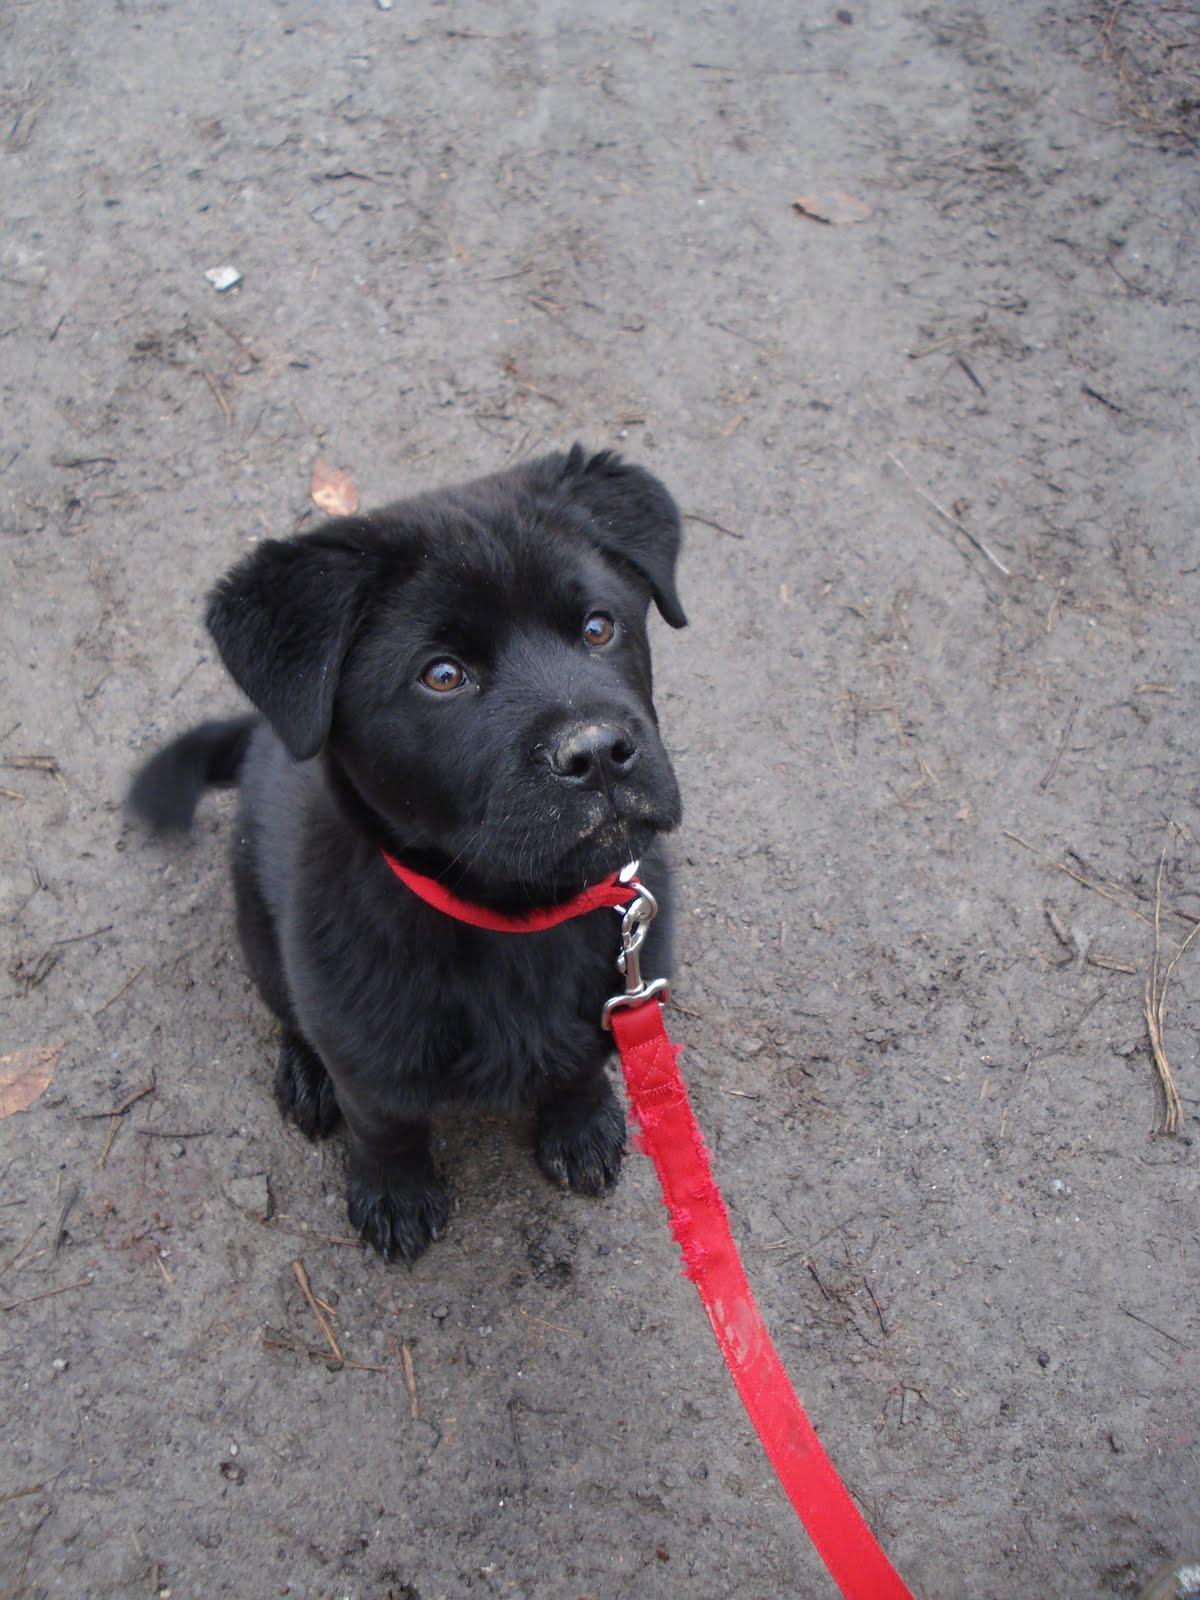 Mastador, Mastadors, Labrador Retriever / Mastiff Hybrid Dogs - m5x.eu